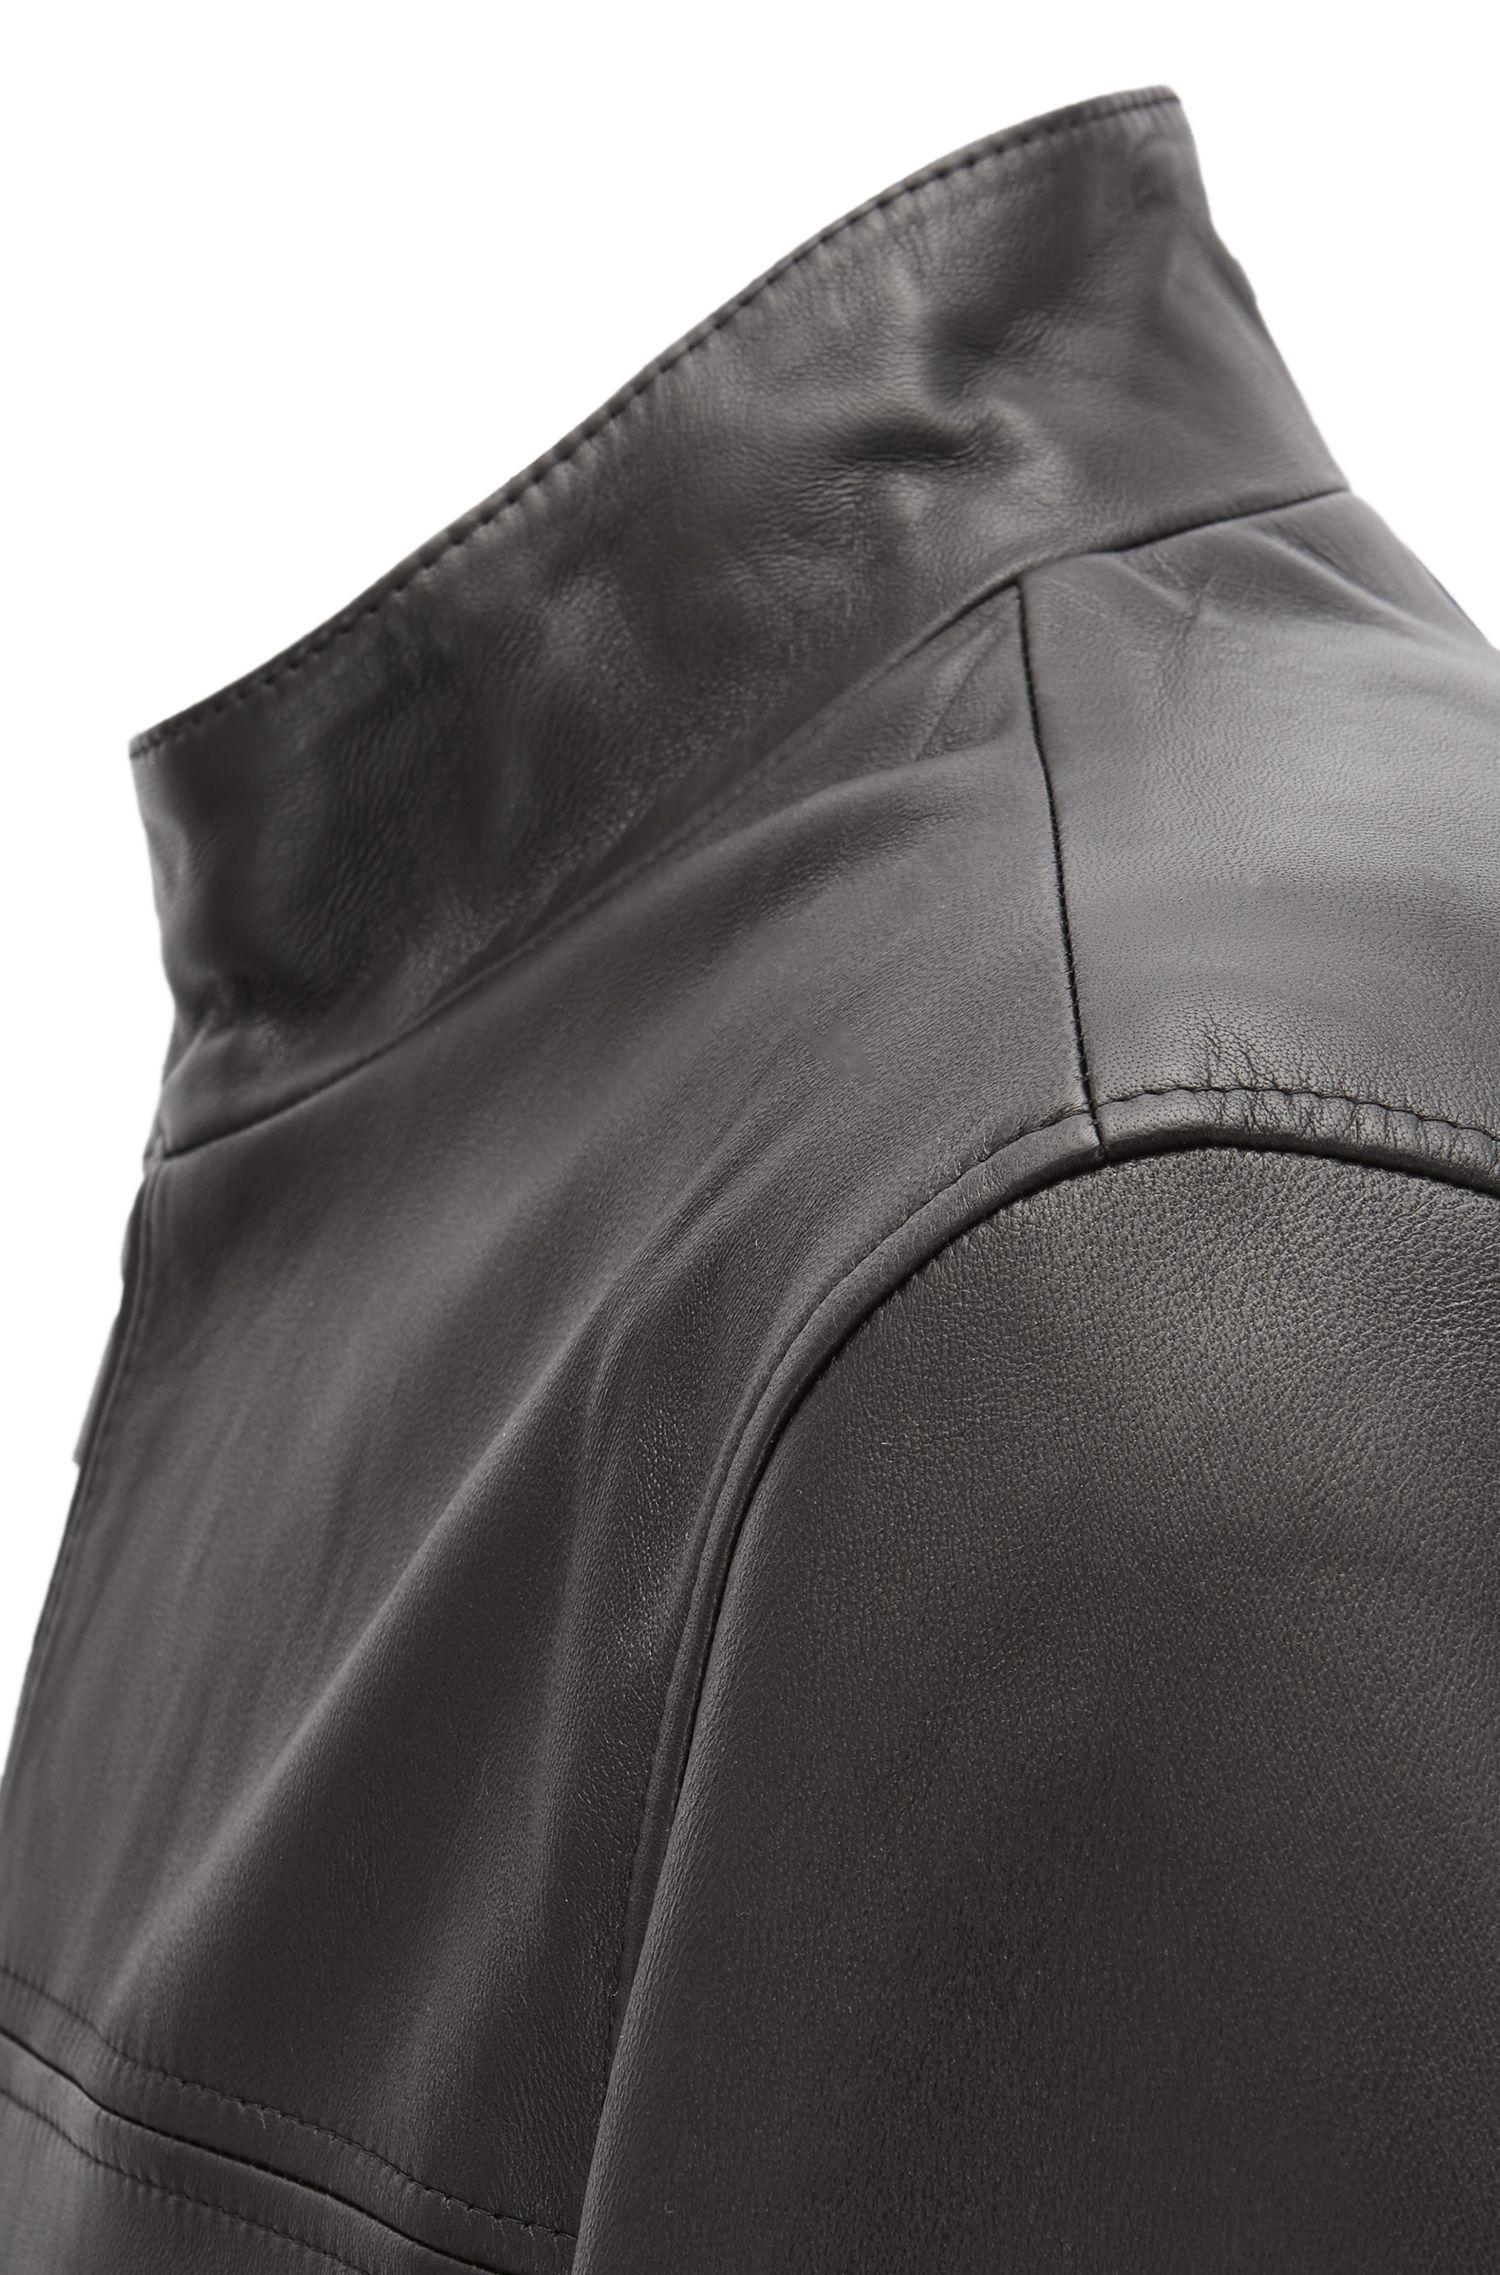 Regular-Fit Lederjacke im Blouson-Stil mit Strick-Besatz